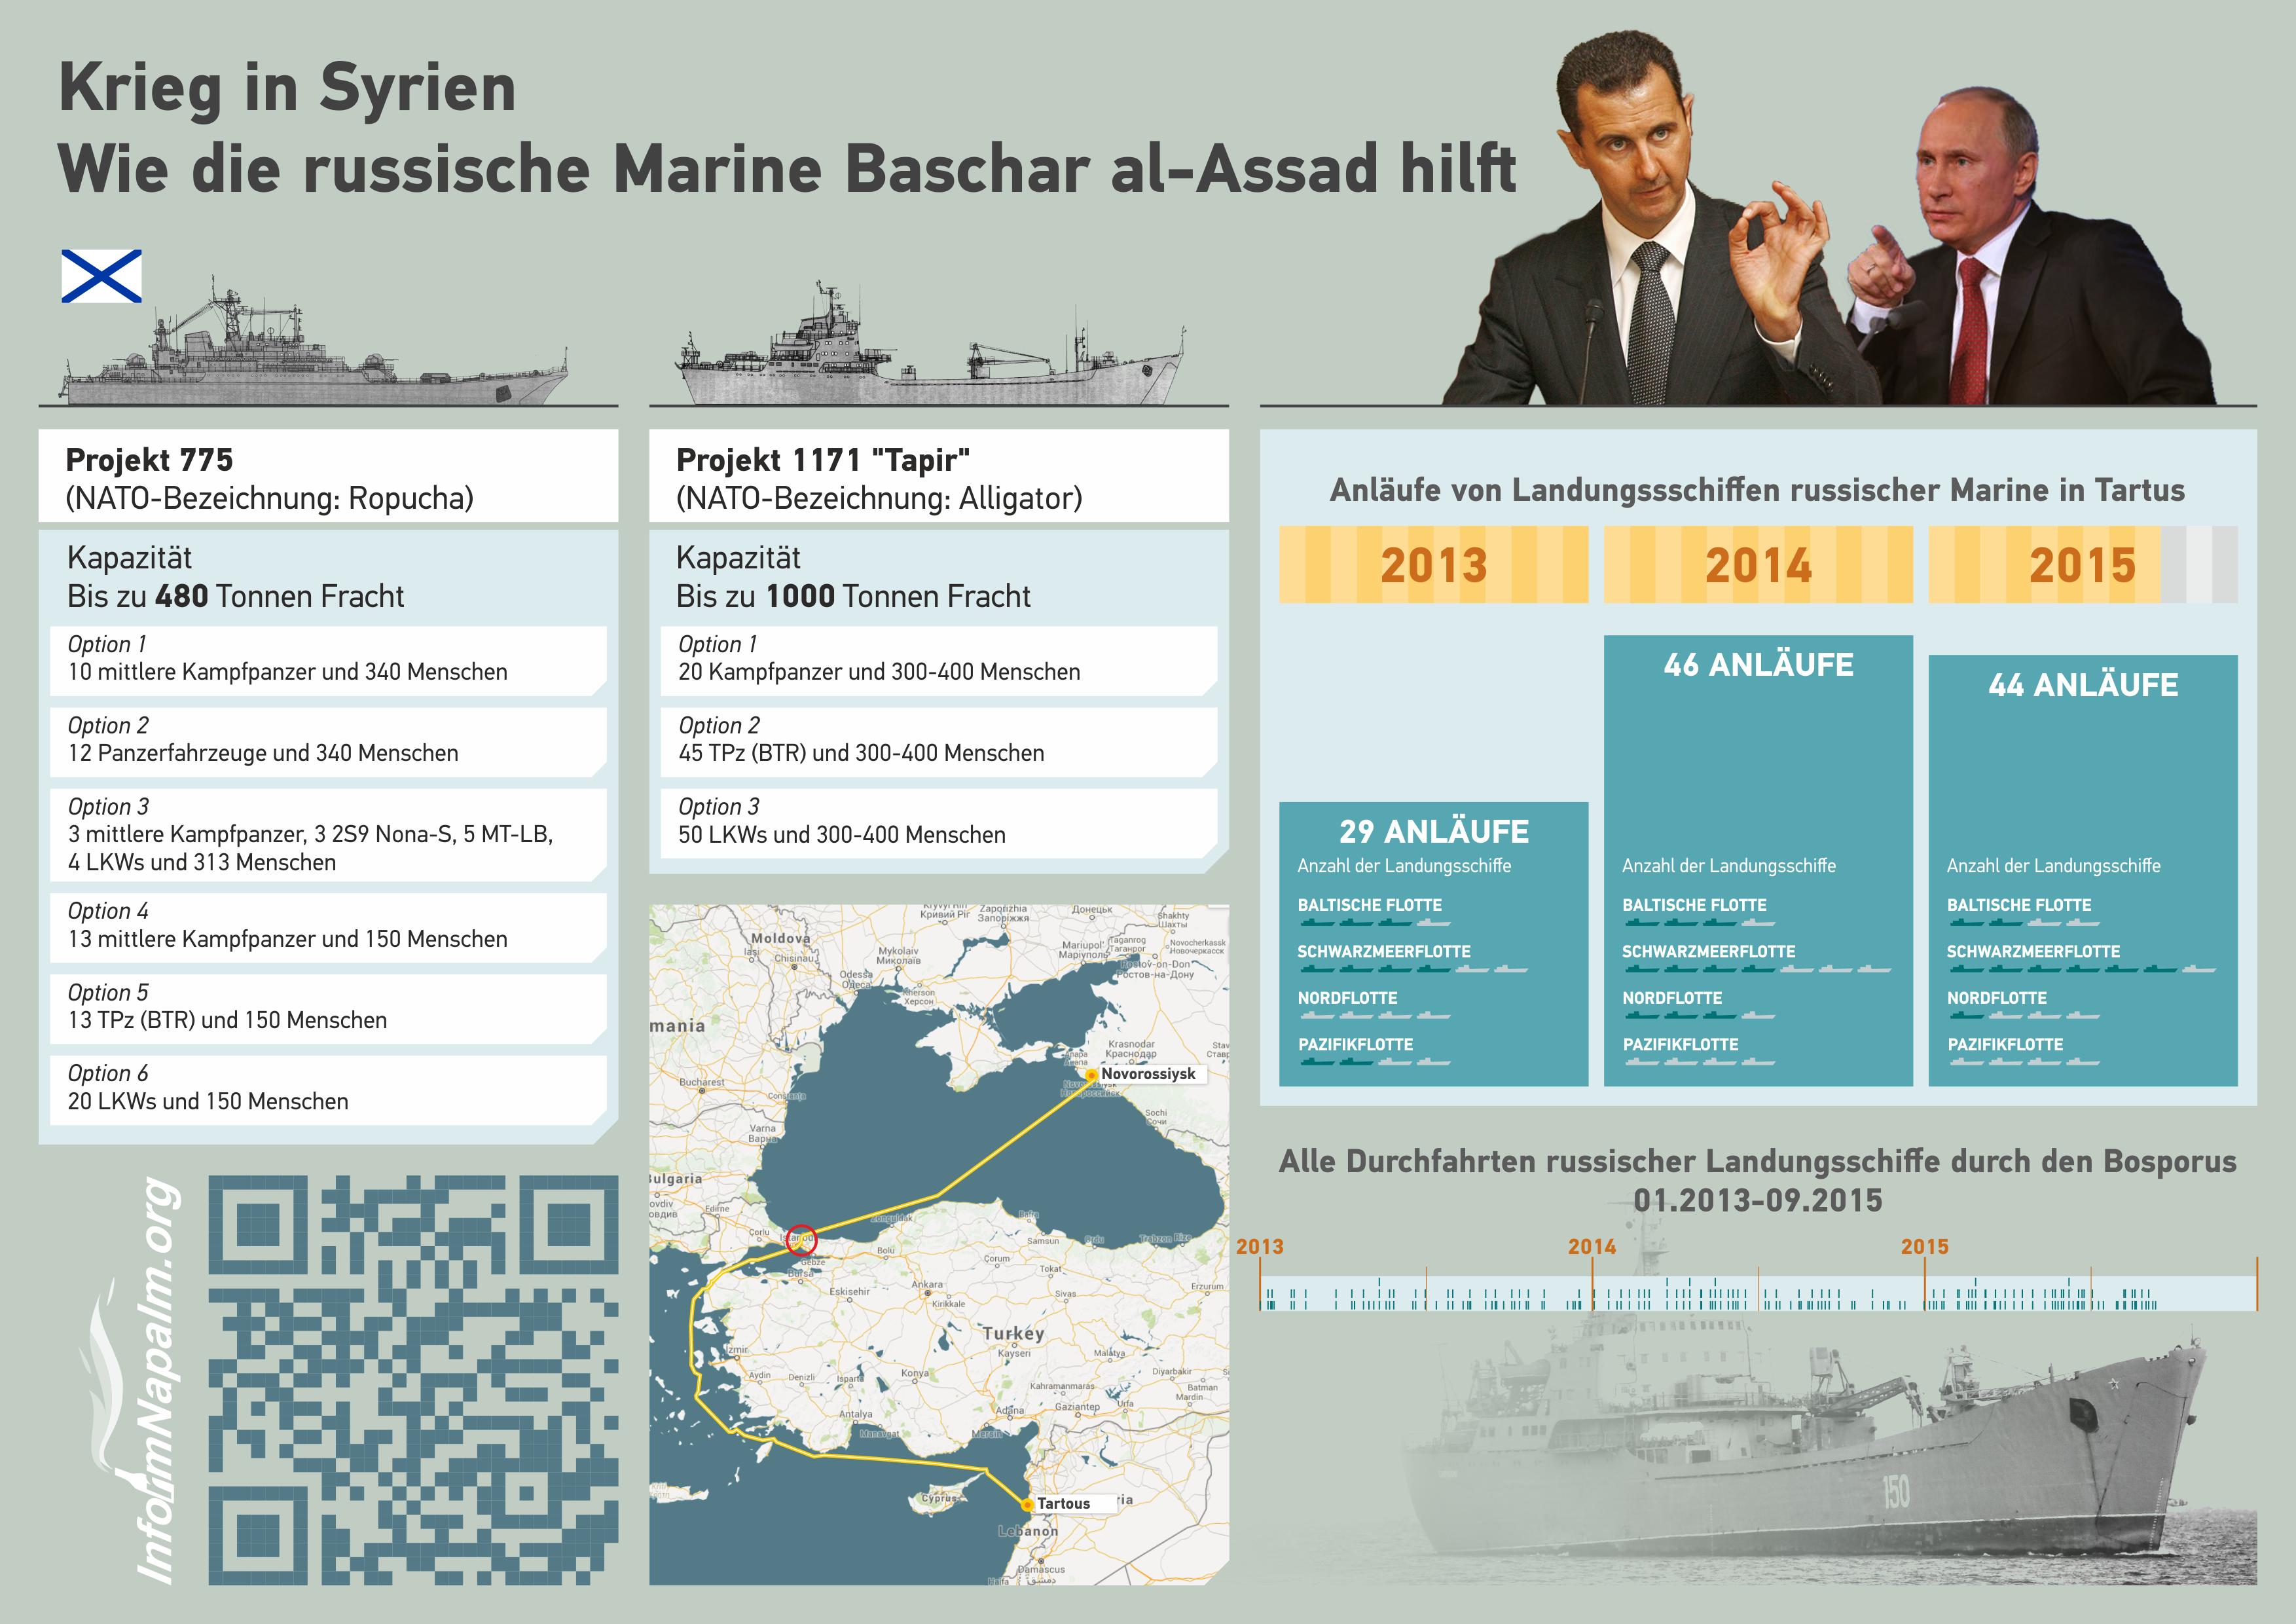 InformNapalm_Syria_02_DE